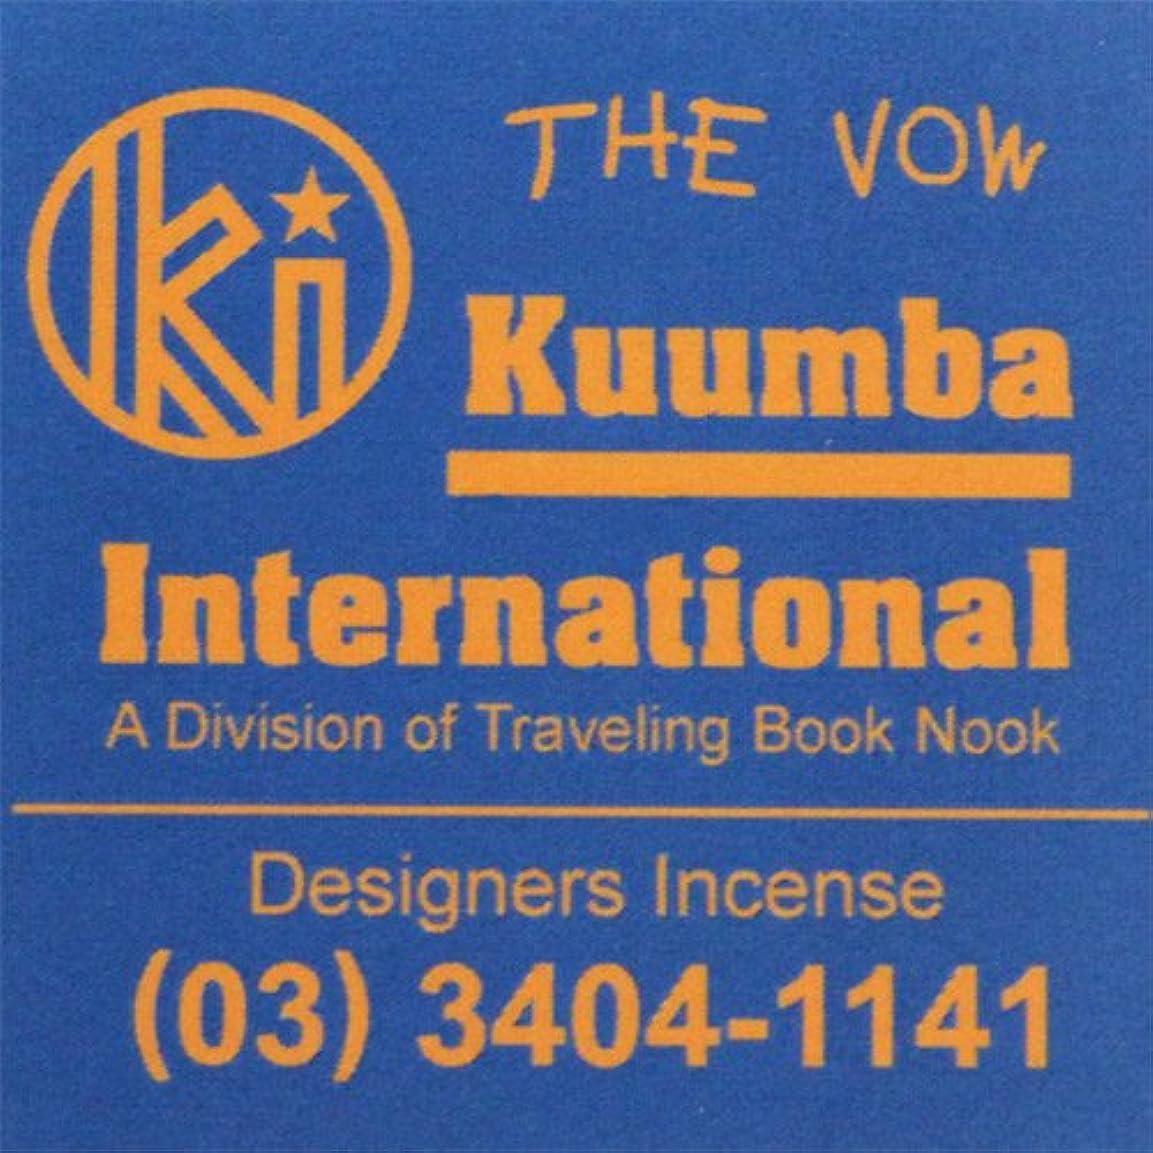 ドラフトダッシュ退屈KUUMBA / クンバ『incense』(THE VOW) (Regular size)